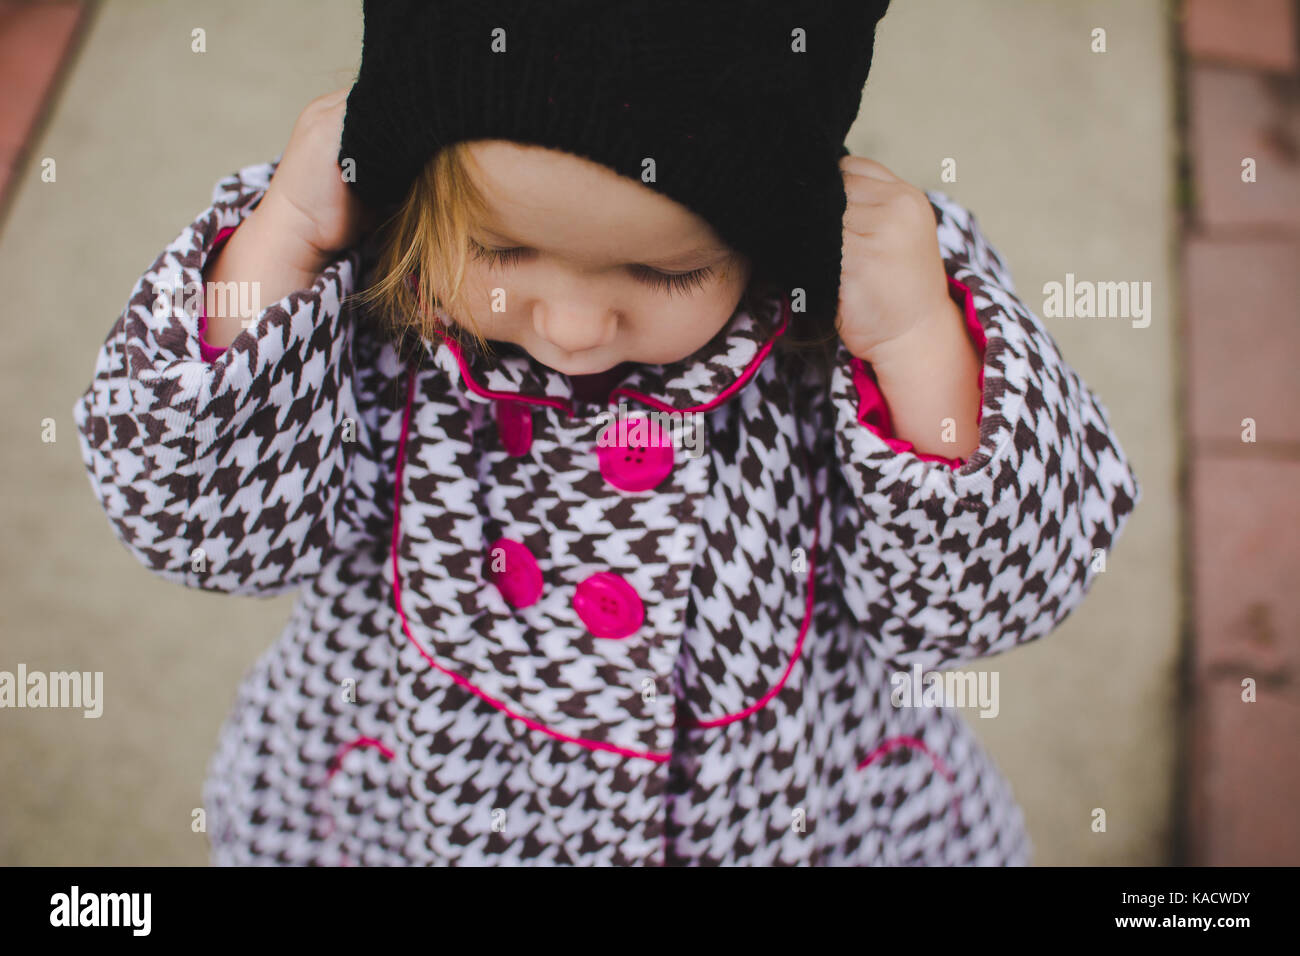 Un bimbo regolando il suo inverno knit hat. Immagini Stock